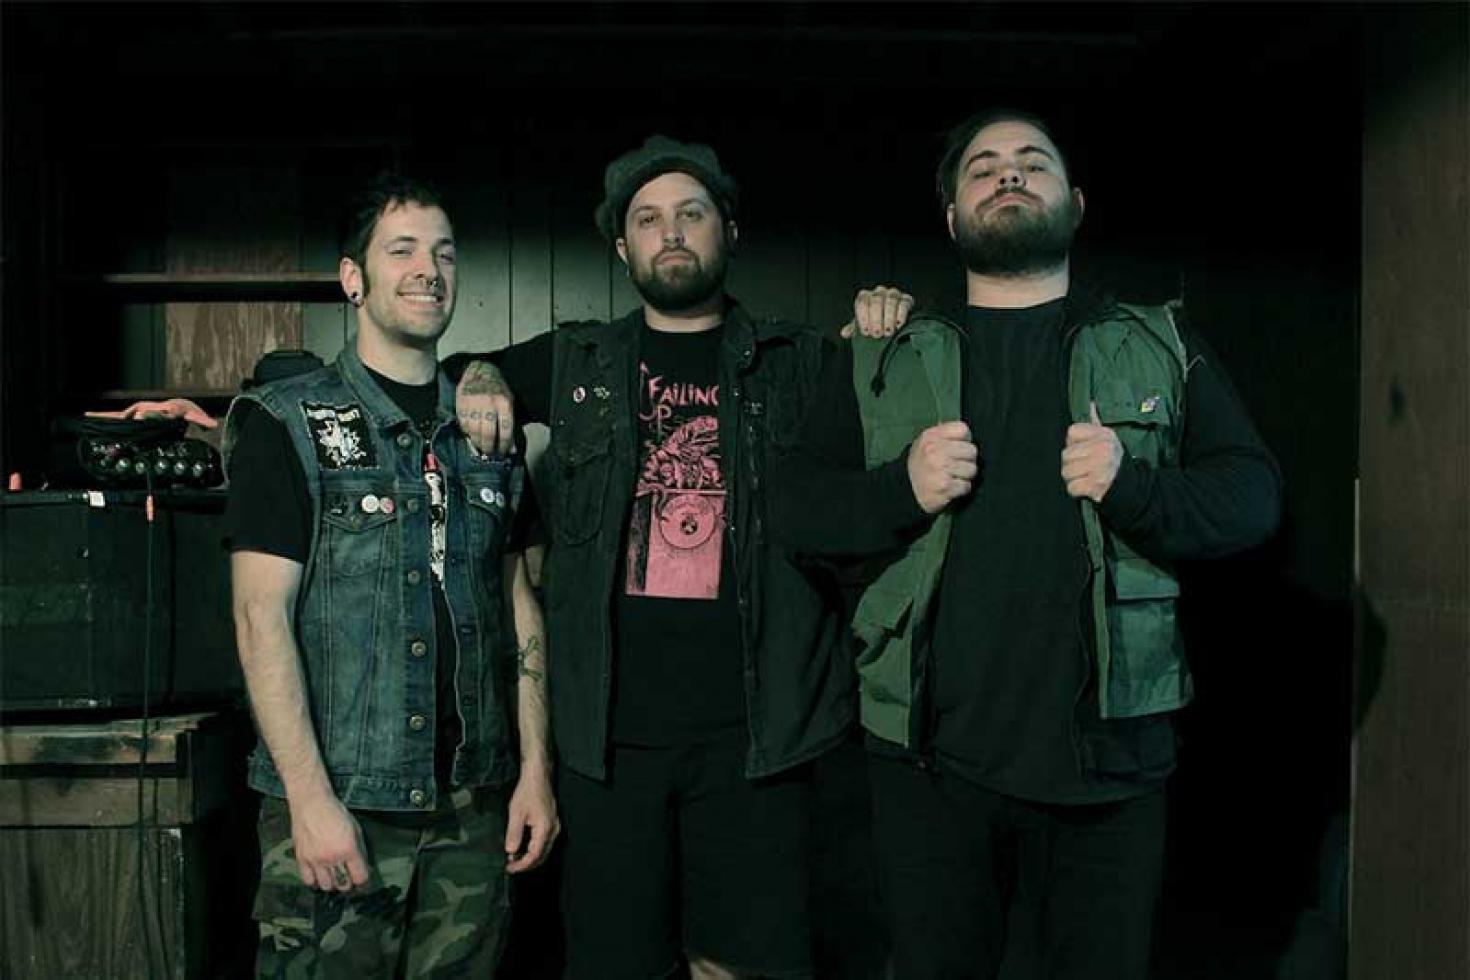 Portland punks Old ross release debut full-length 'Daggers'